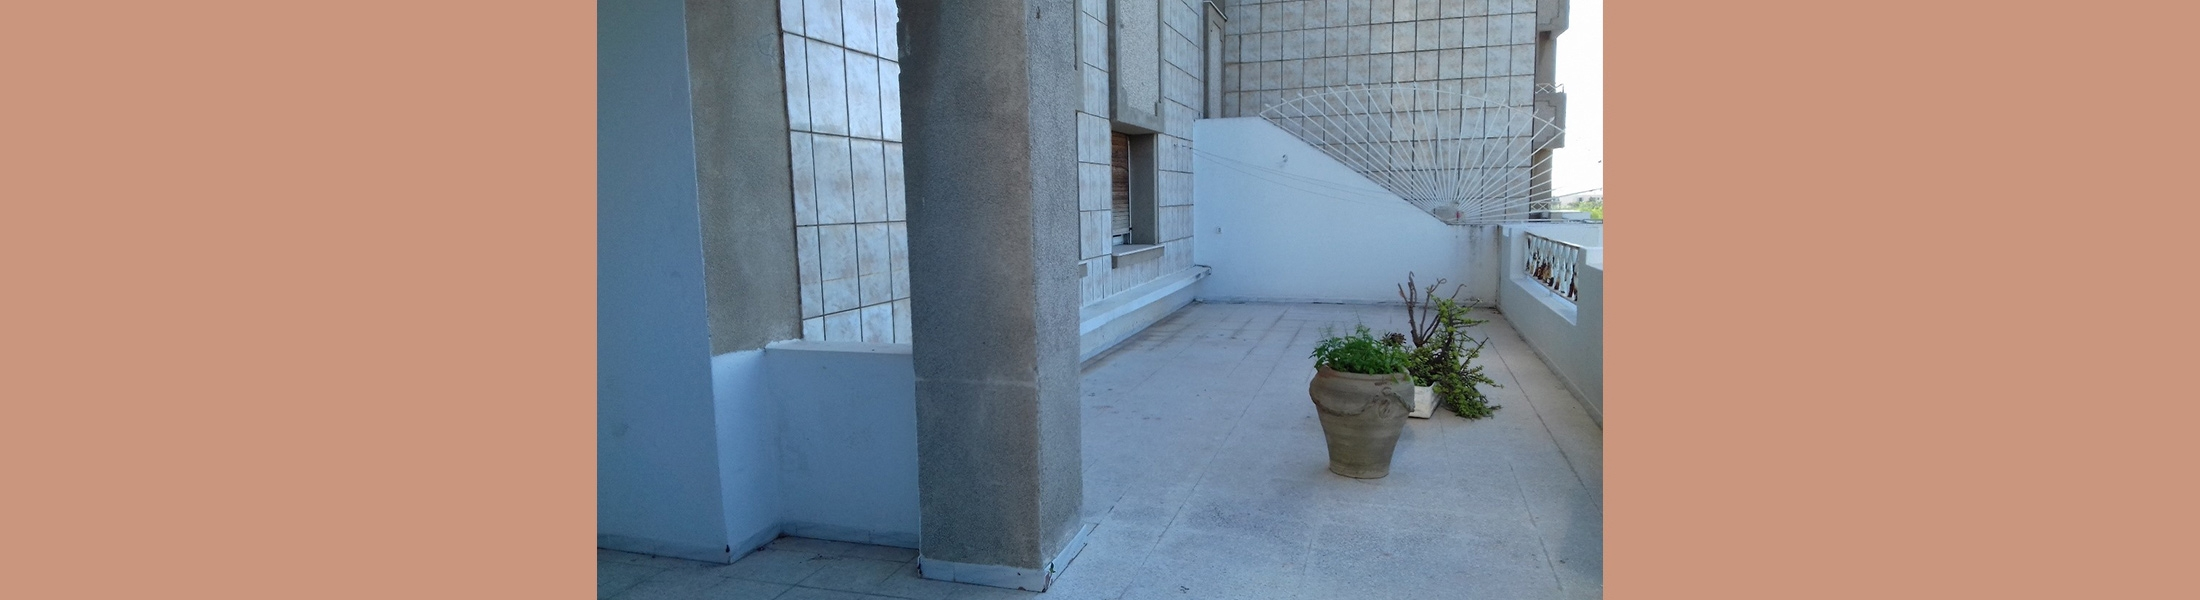 الشقة باردو 1 كائنة بباردو سنتر - تونس (طلب العروض عدد 07 لسنة 2020)